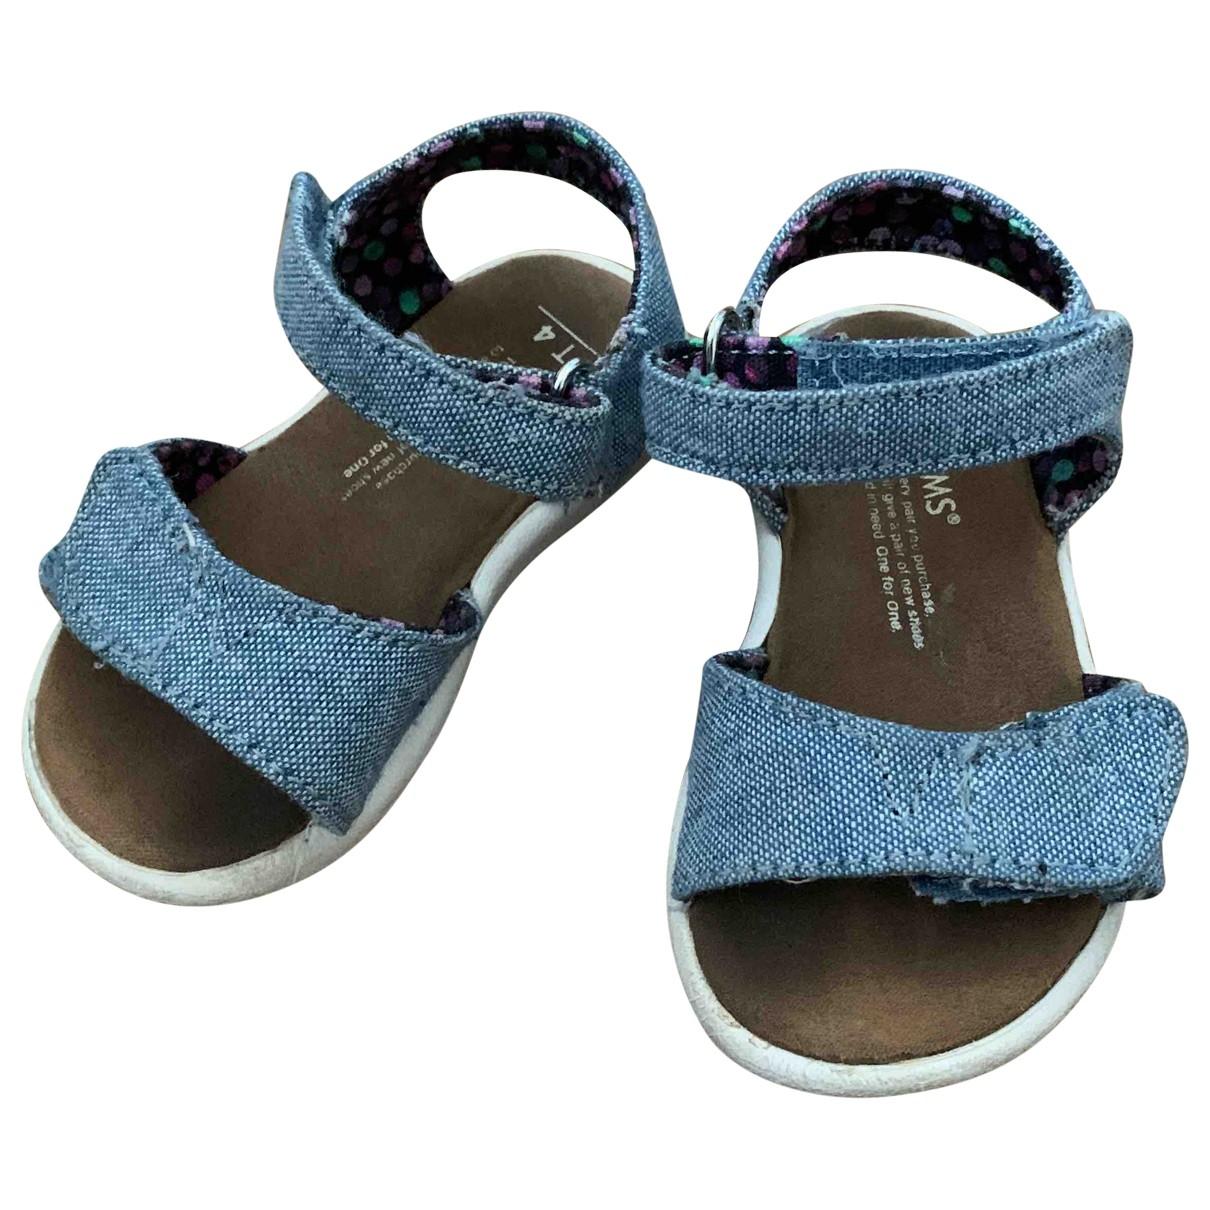 Tom's N Blue Cloth Sandals for Kids 3 UK